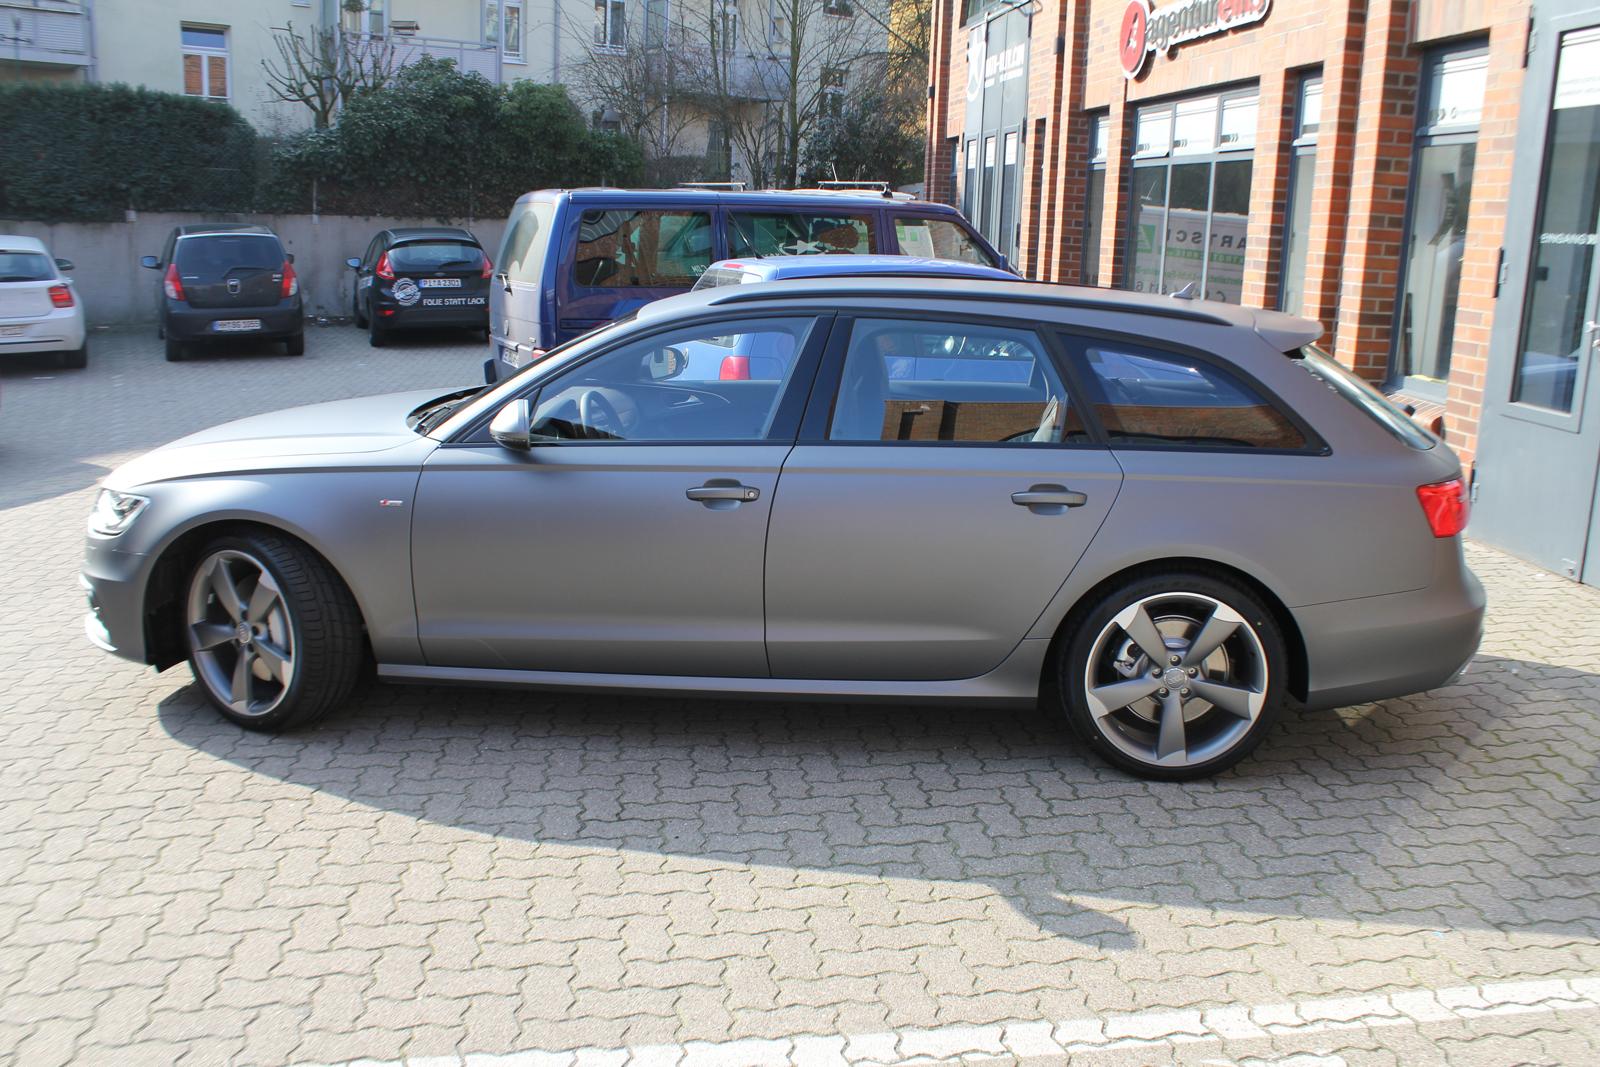 Seitenansicht des Audi A6 Avant S-Line mit Folierung in grey matt metallic